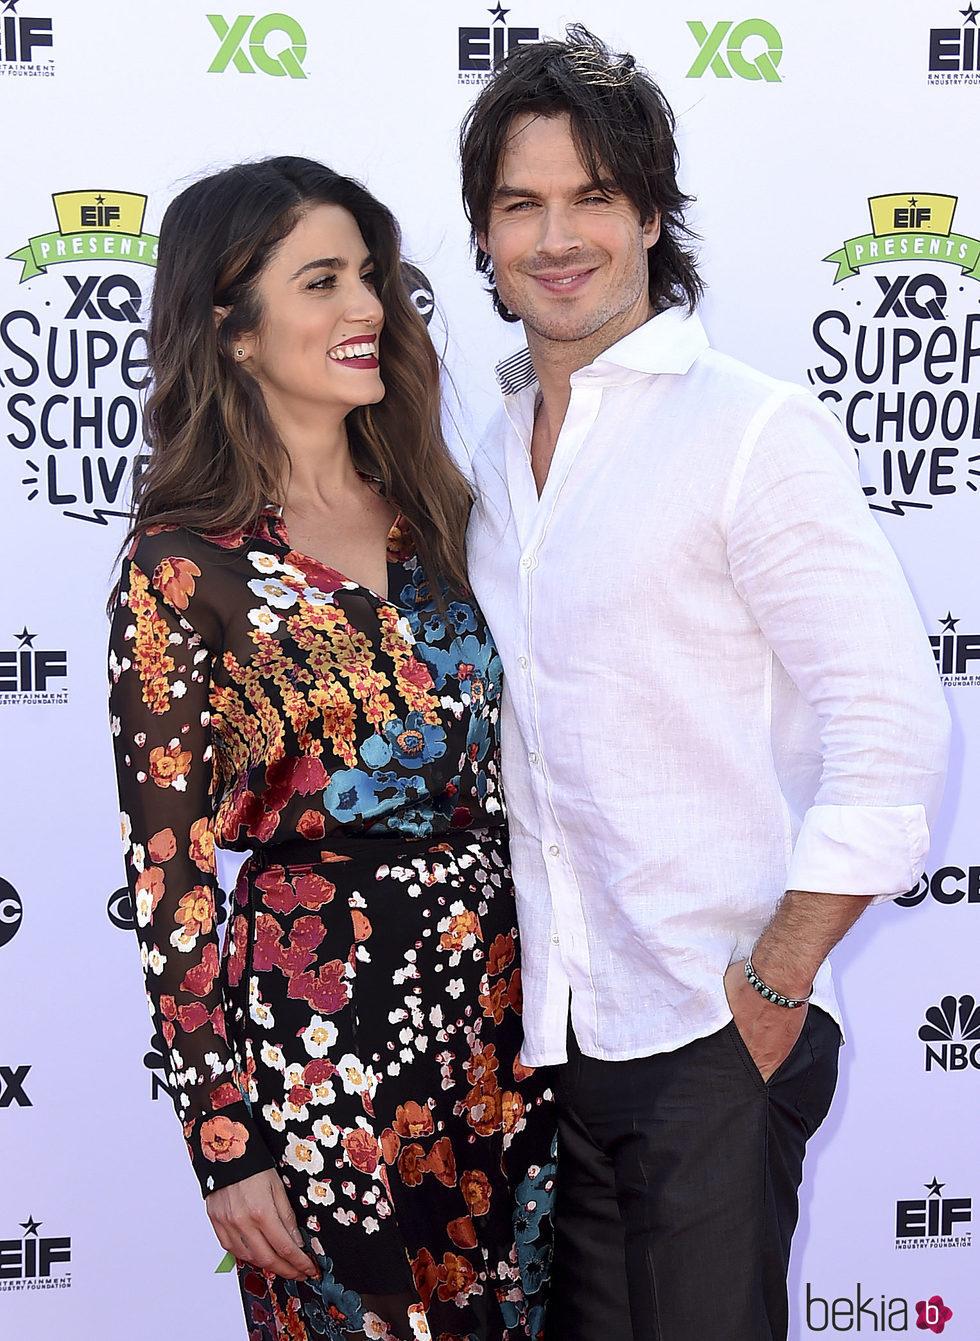 Ian Somerhalder y Nikki Reed en el XQ Super School Live en Santa Mónica